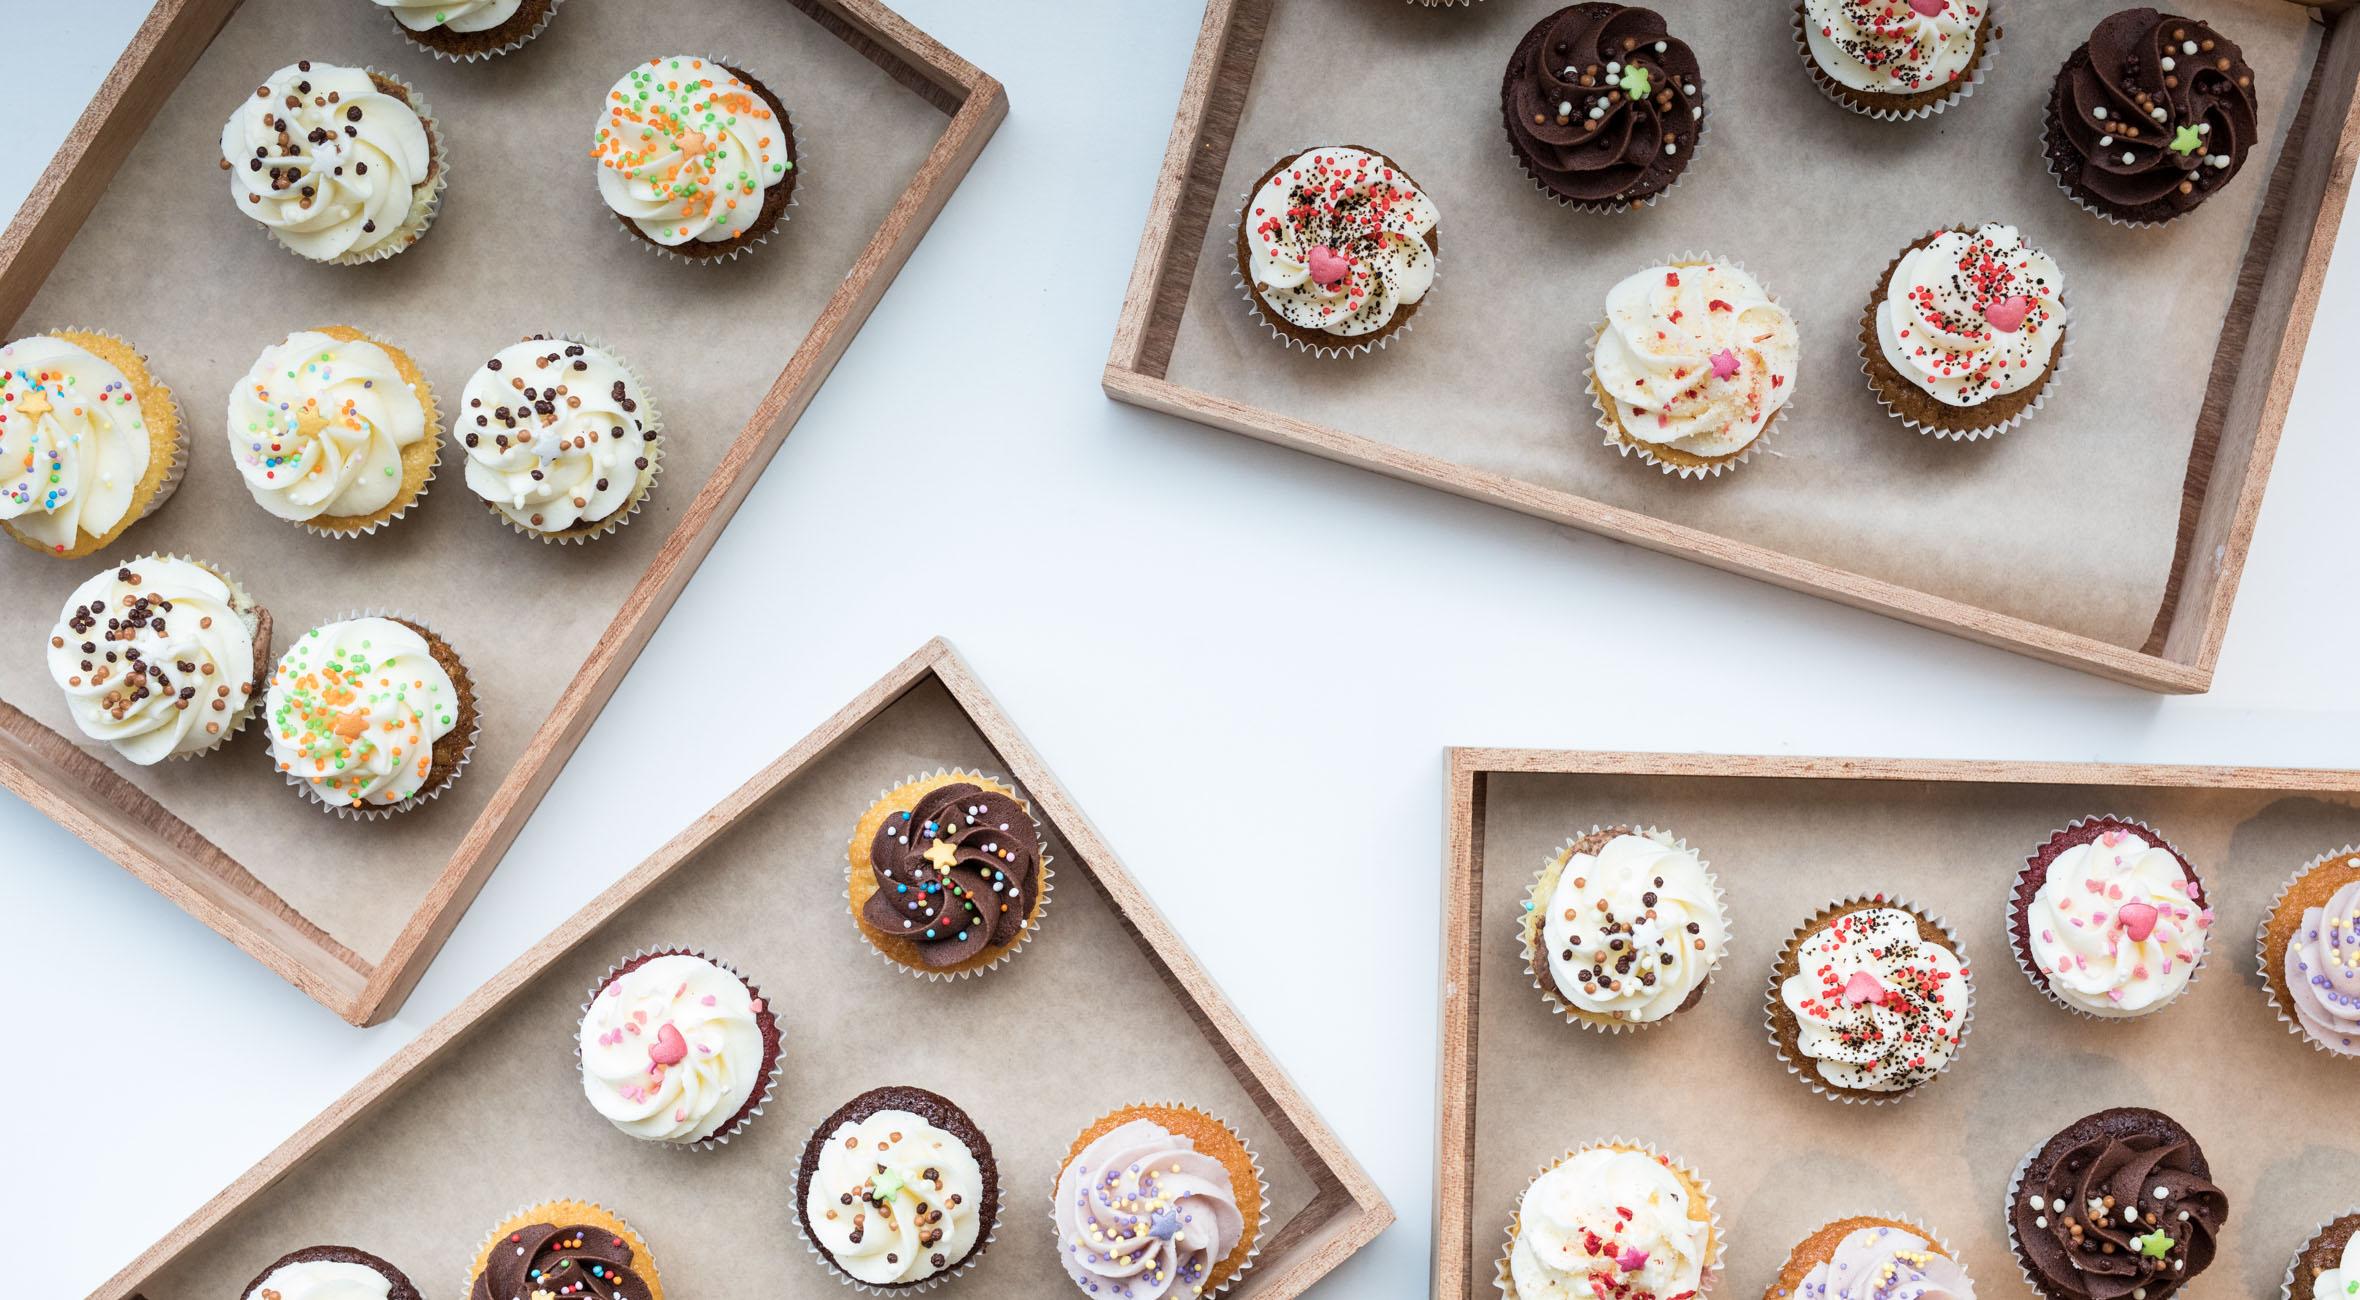 12 valgfrie mini-cupcakes fra Cravings på Nørrebro – Smag landets bedste cupcakes